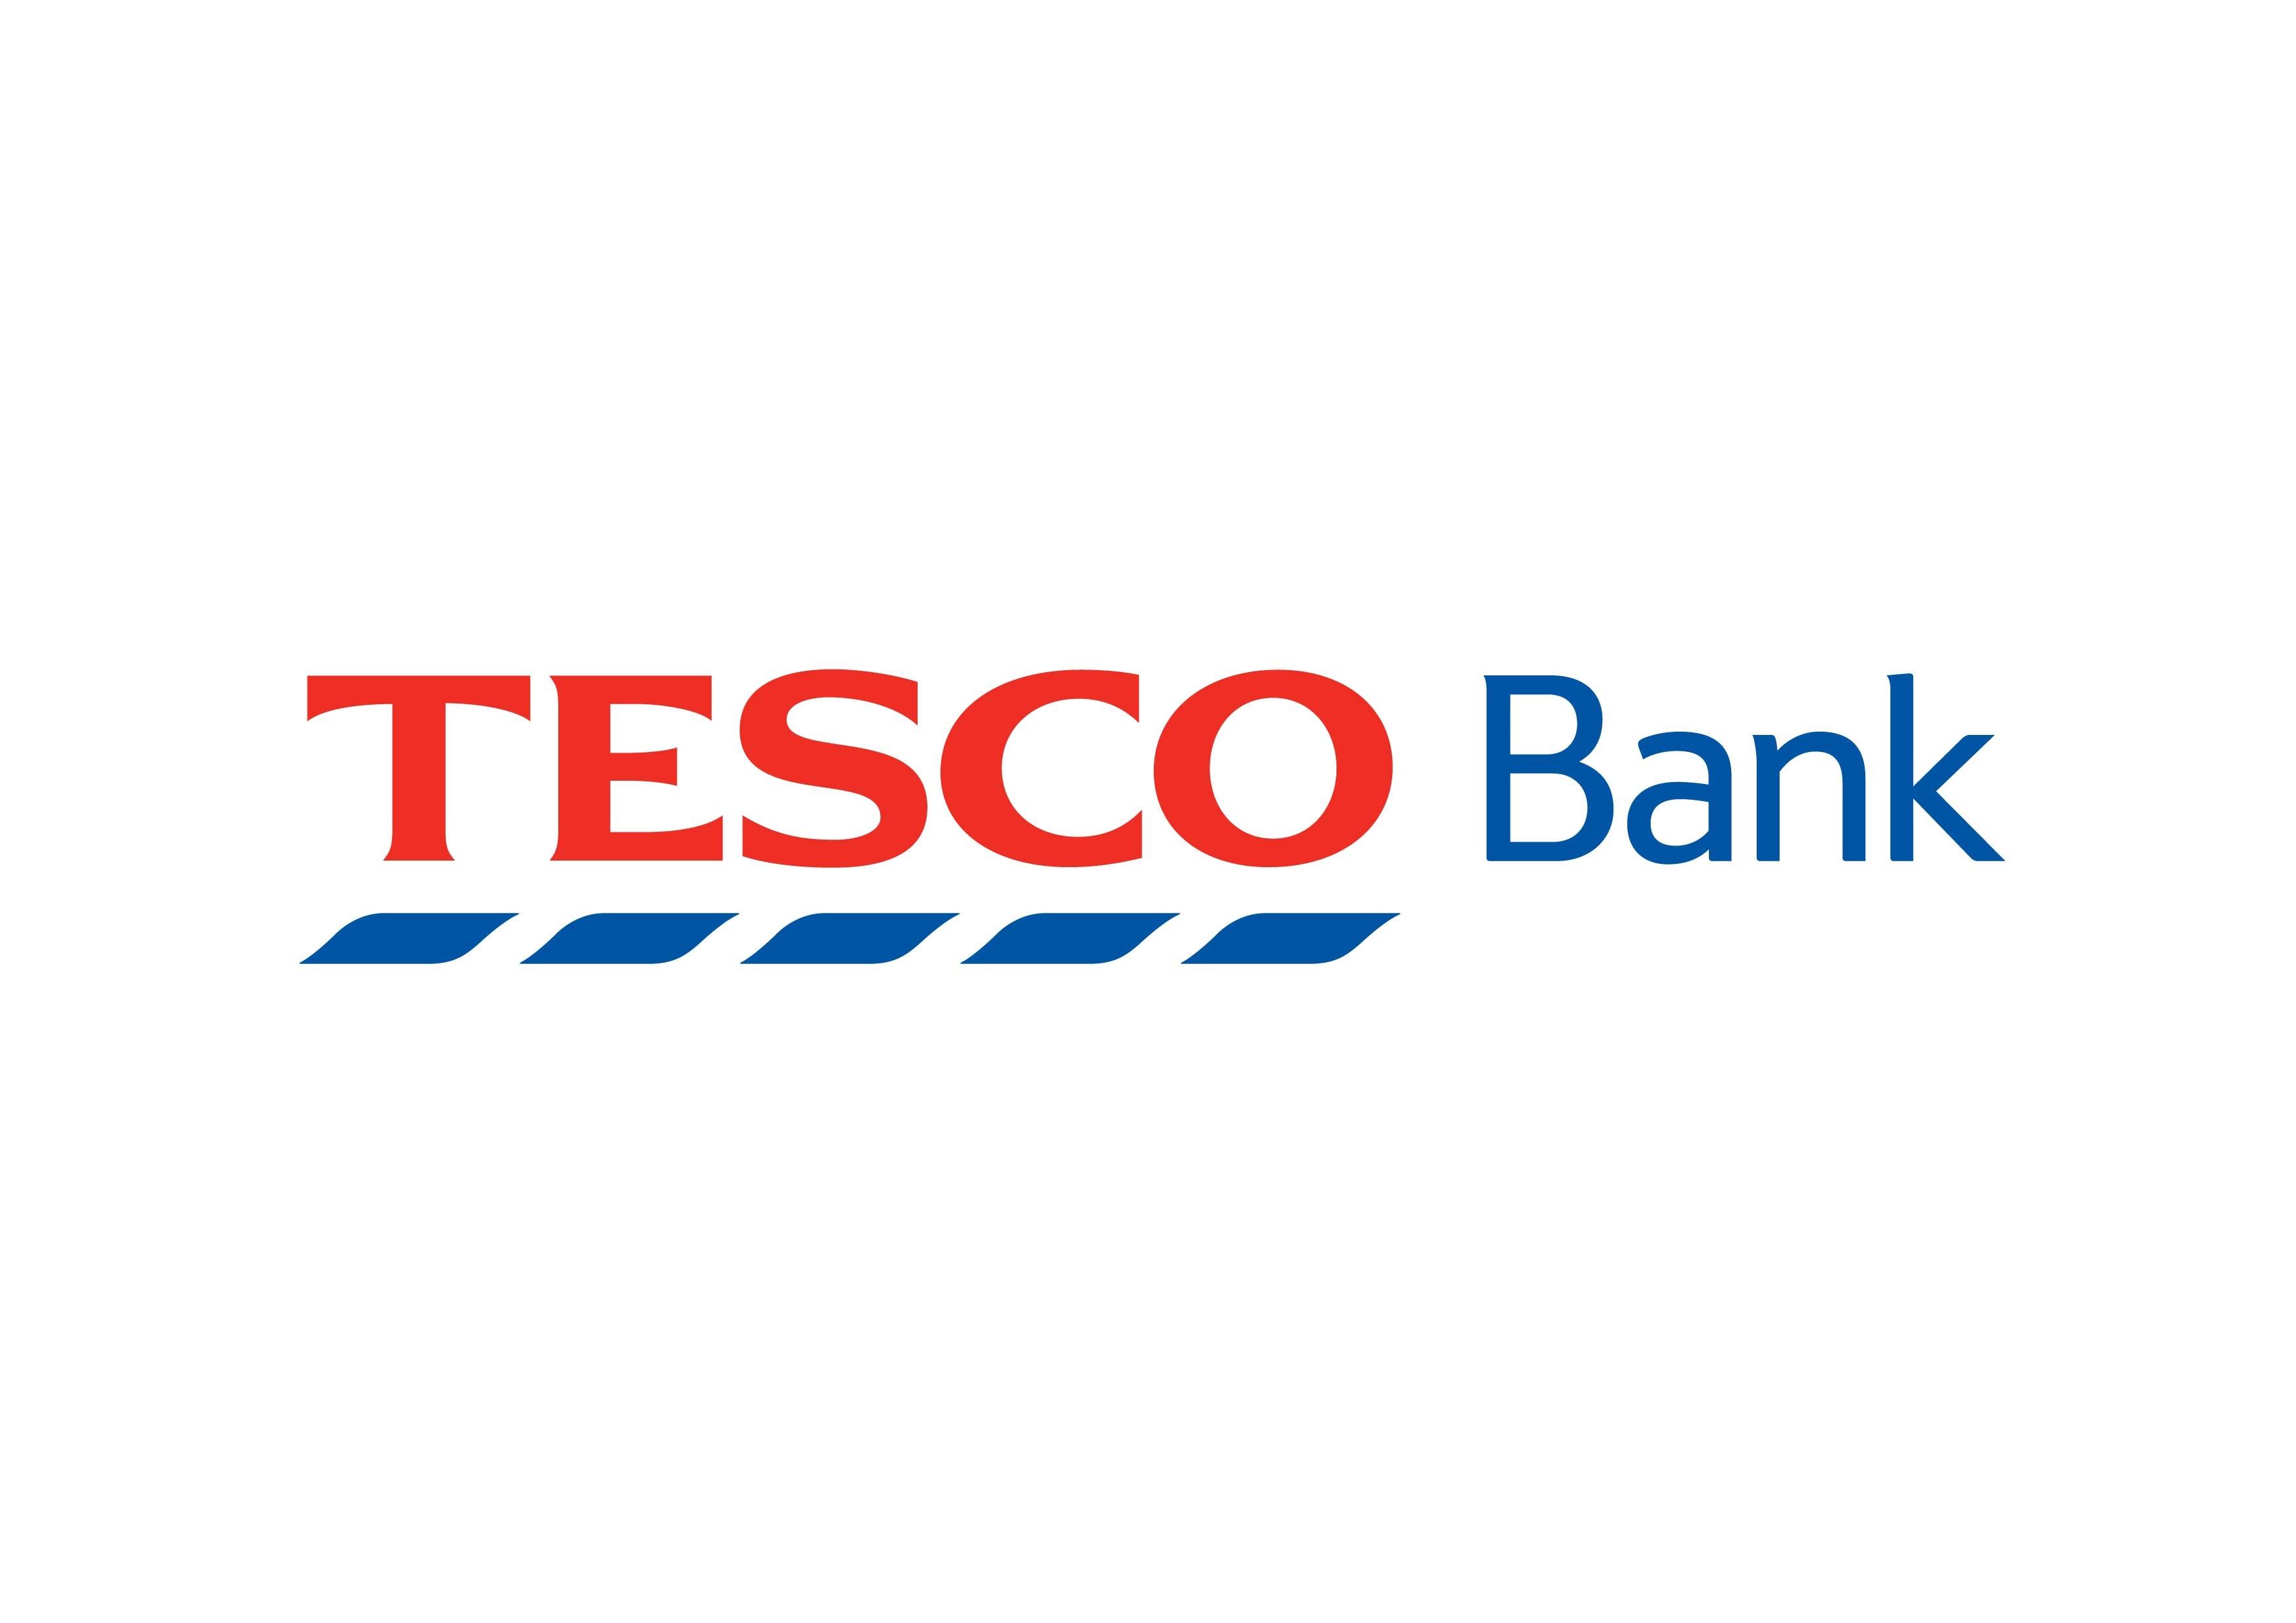 Logo for Tesco Bank